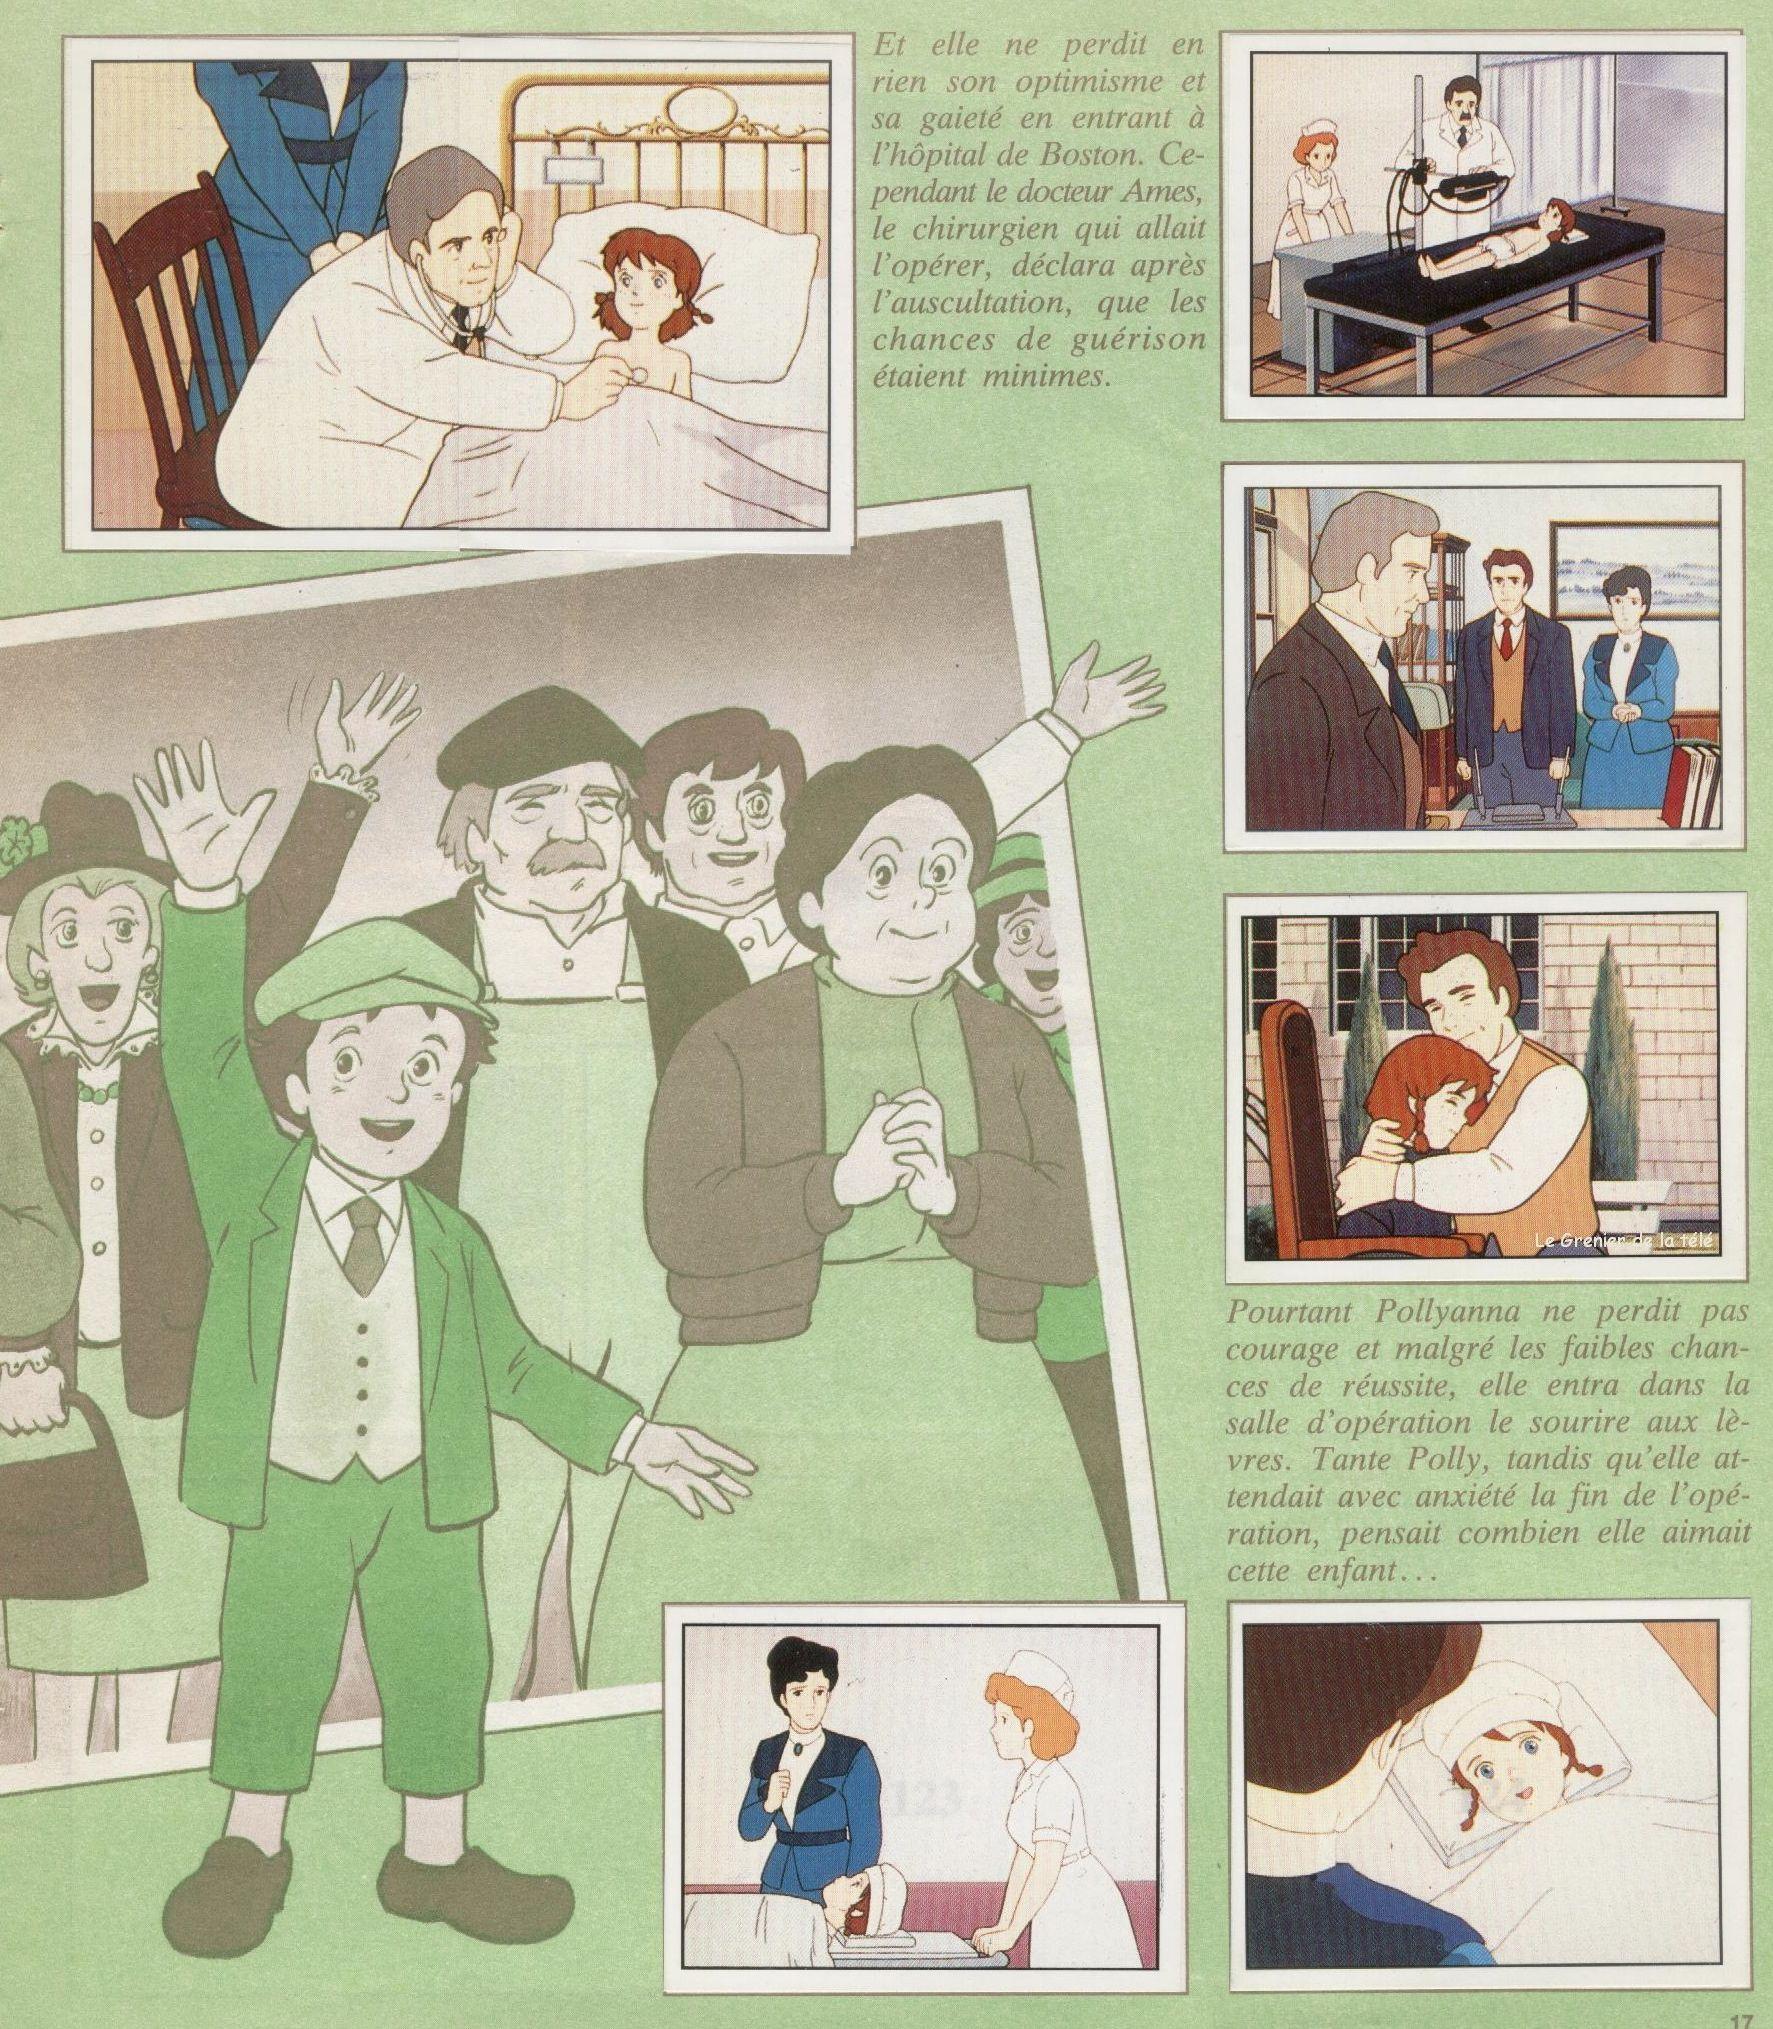 http://grenierdelatv.free.fr/polly17.jpg